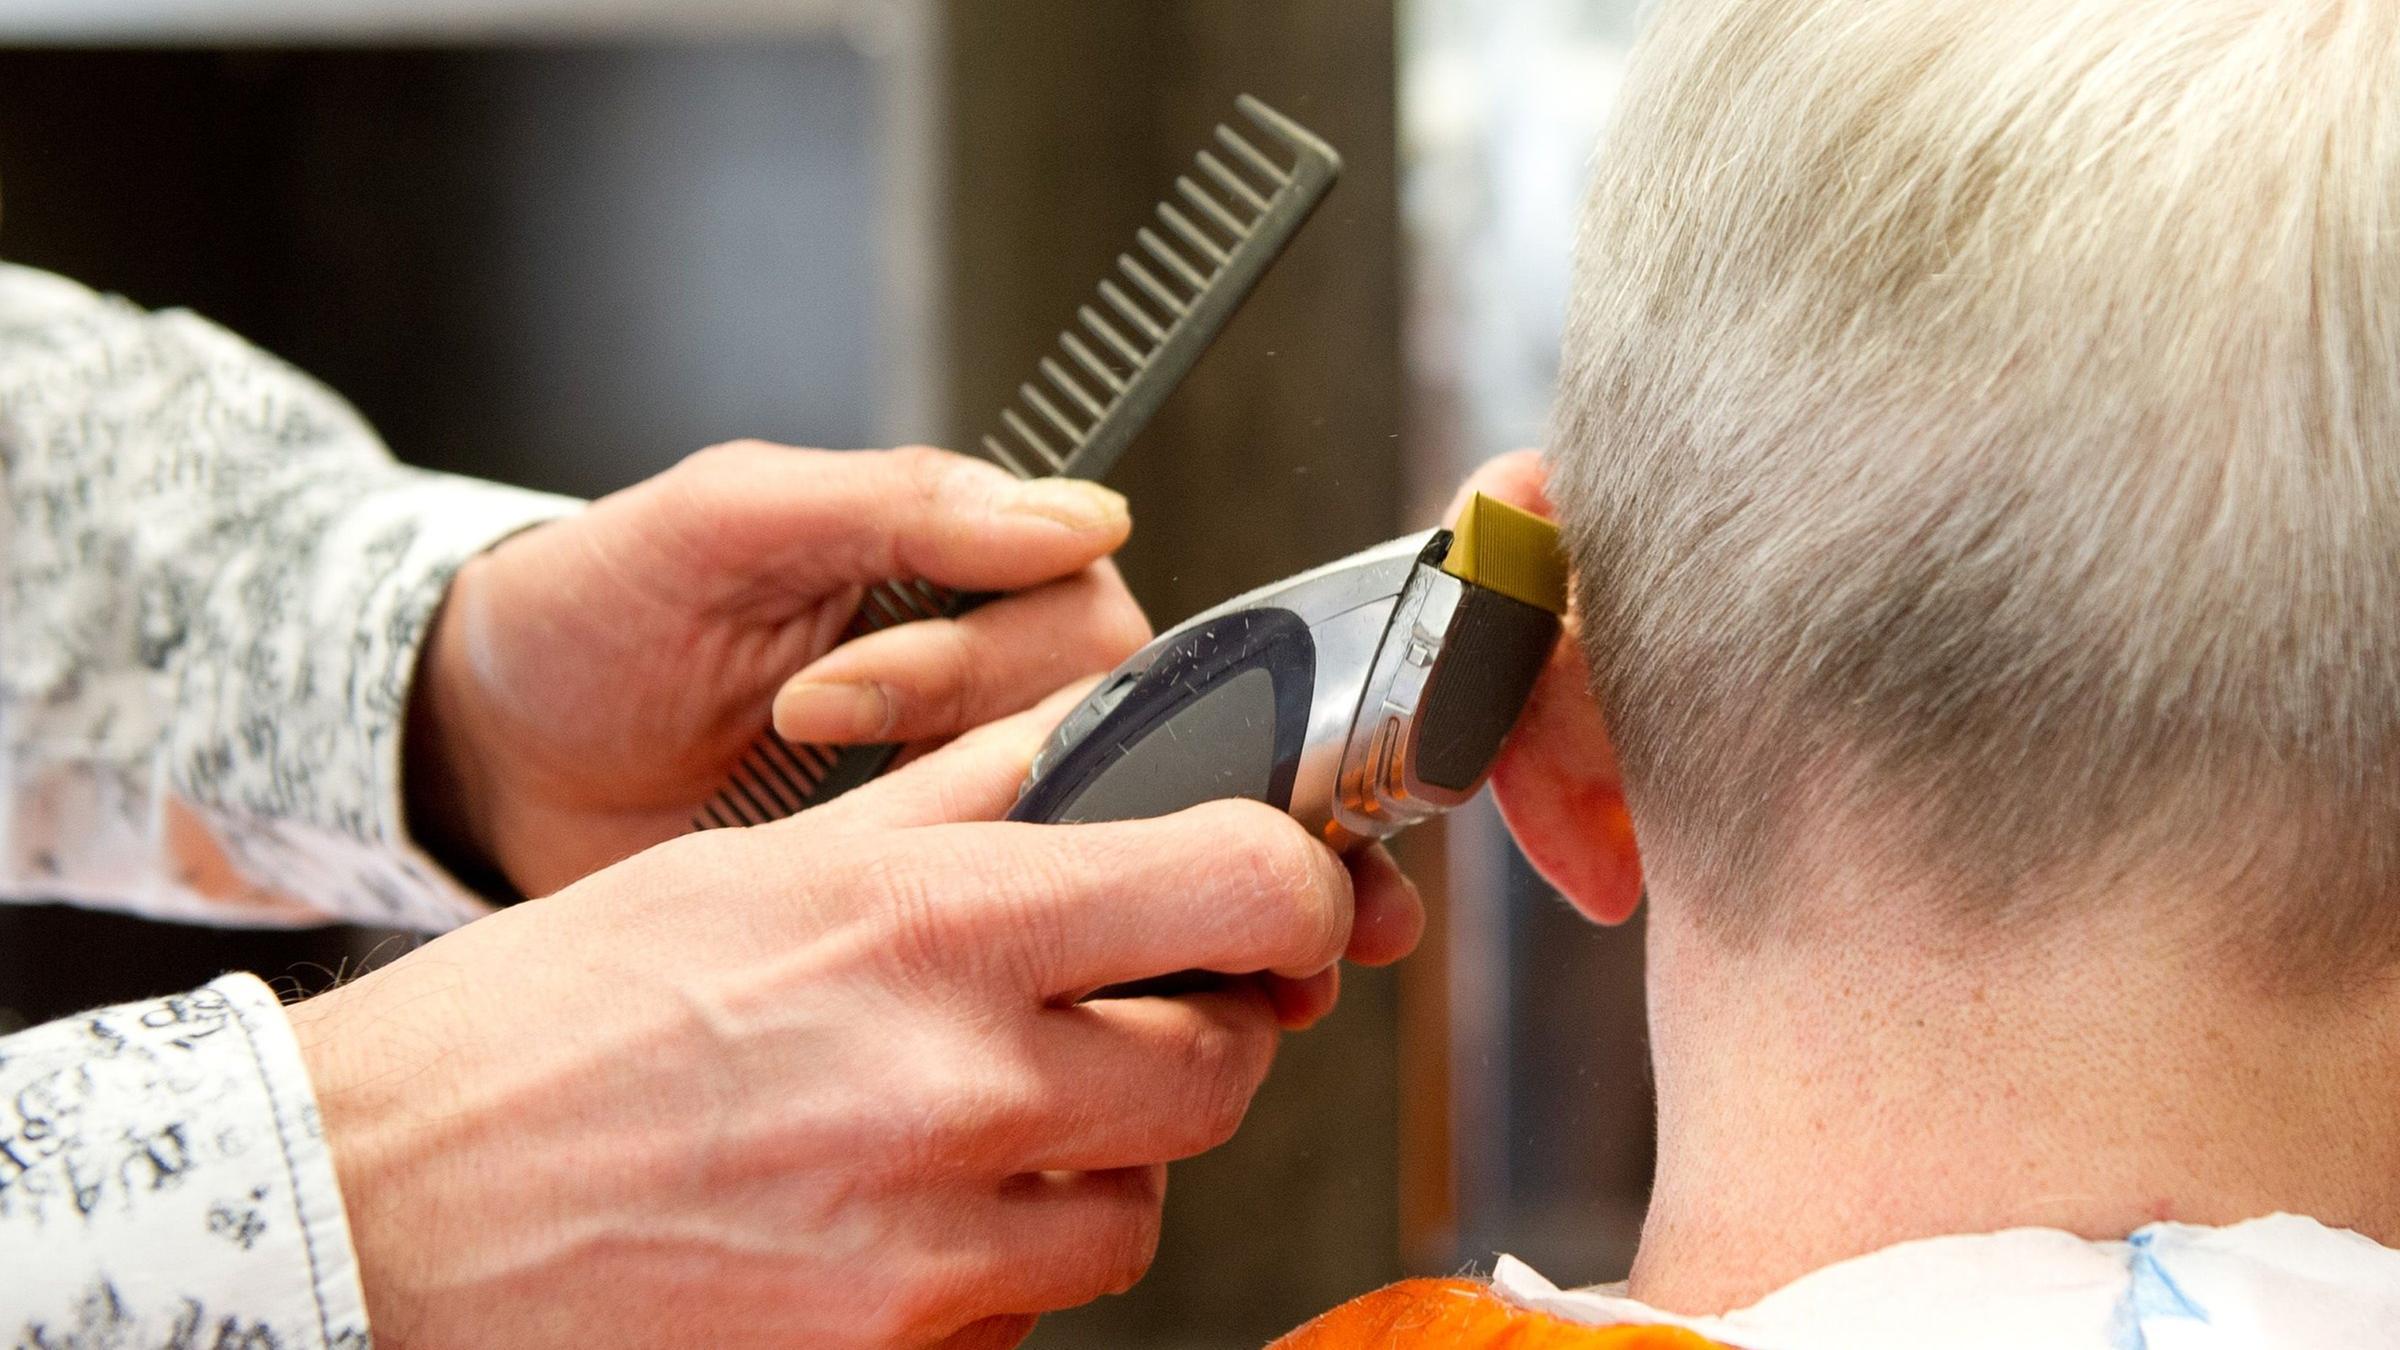 Wie Viel Verdient Eine Friseurin - antin harina